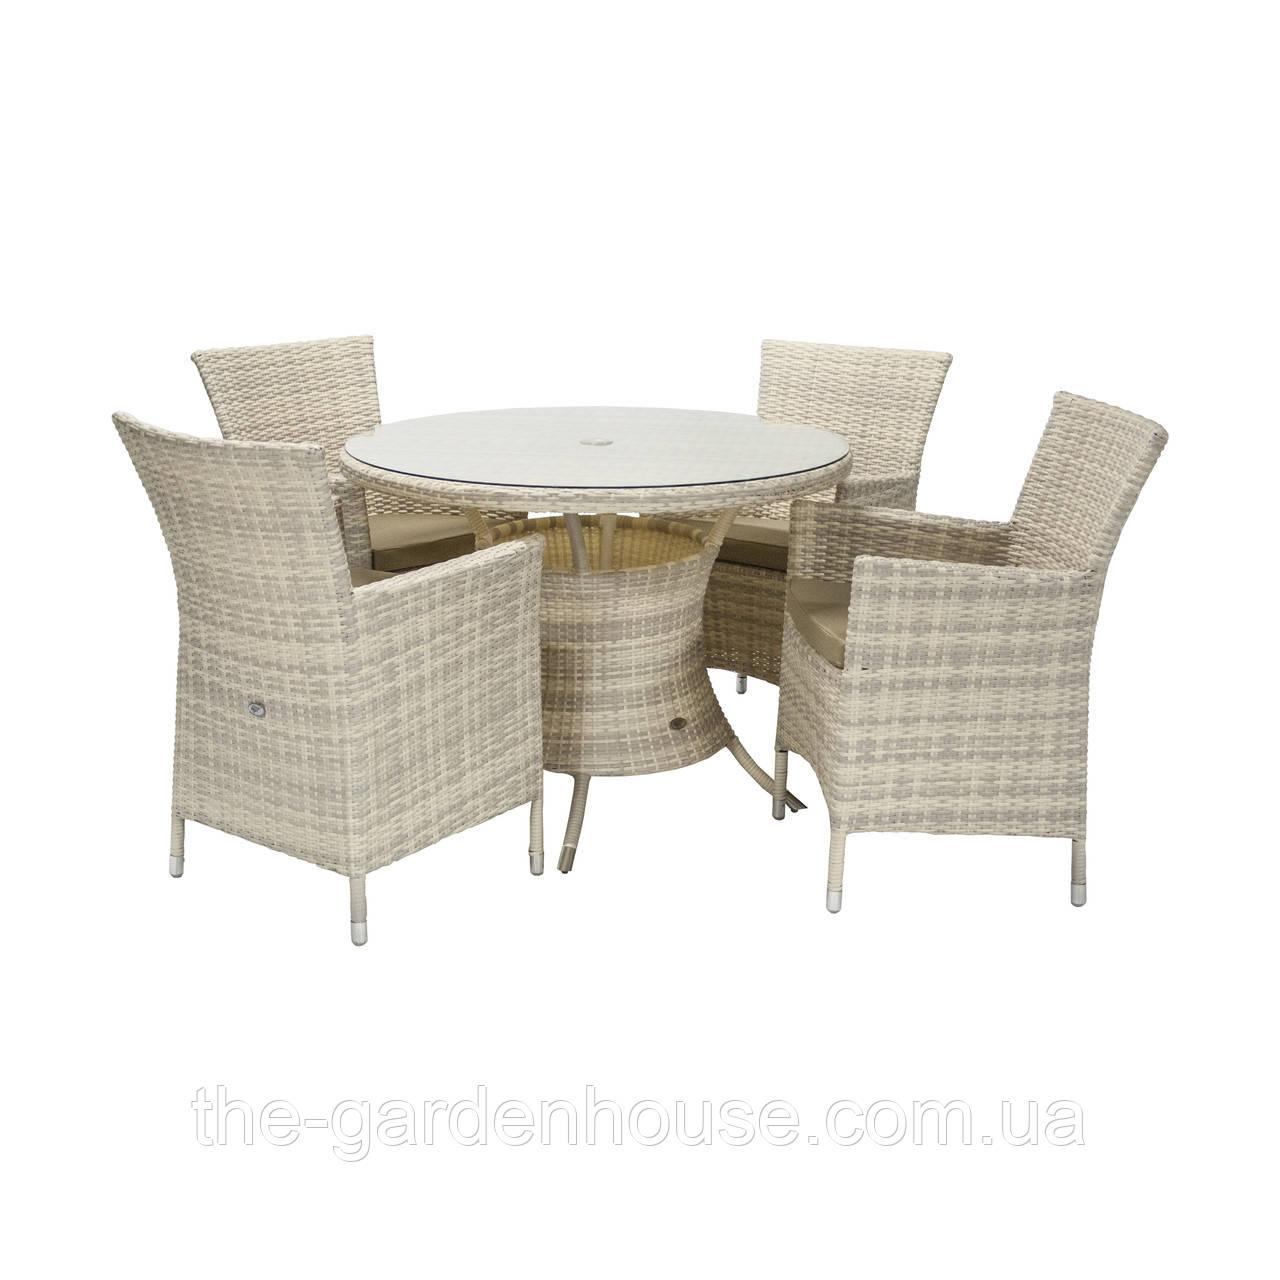 Обеденный комплект Викер из искусственного ротанга: стол 100 см и 4 кресла светло-бежевый, фото 1